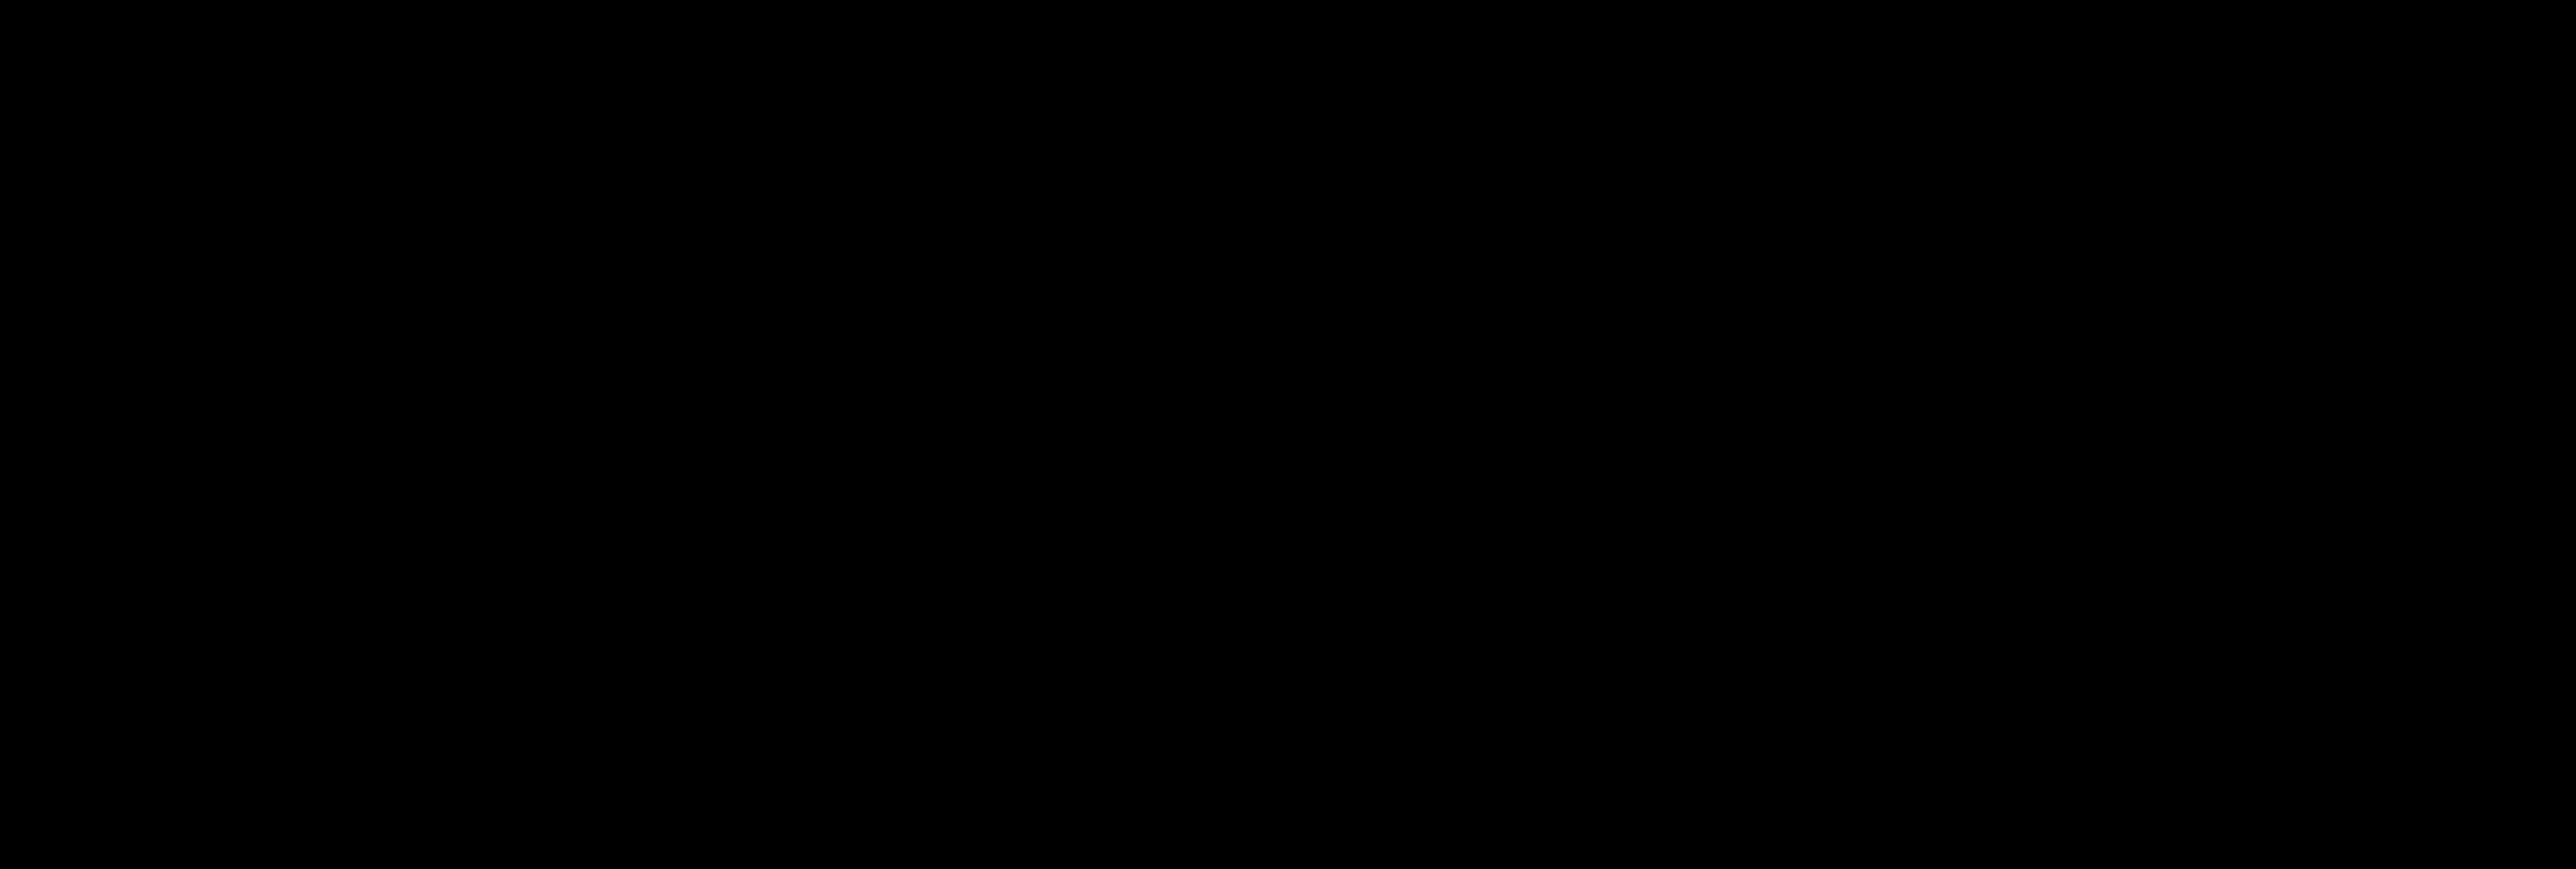 Engie logo black